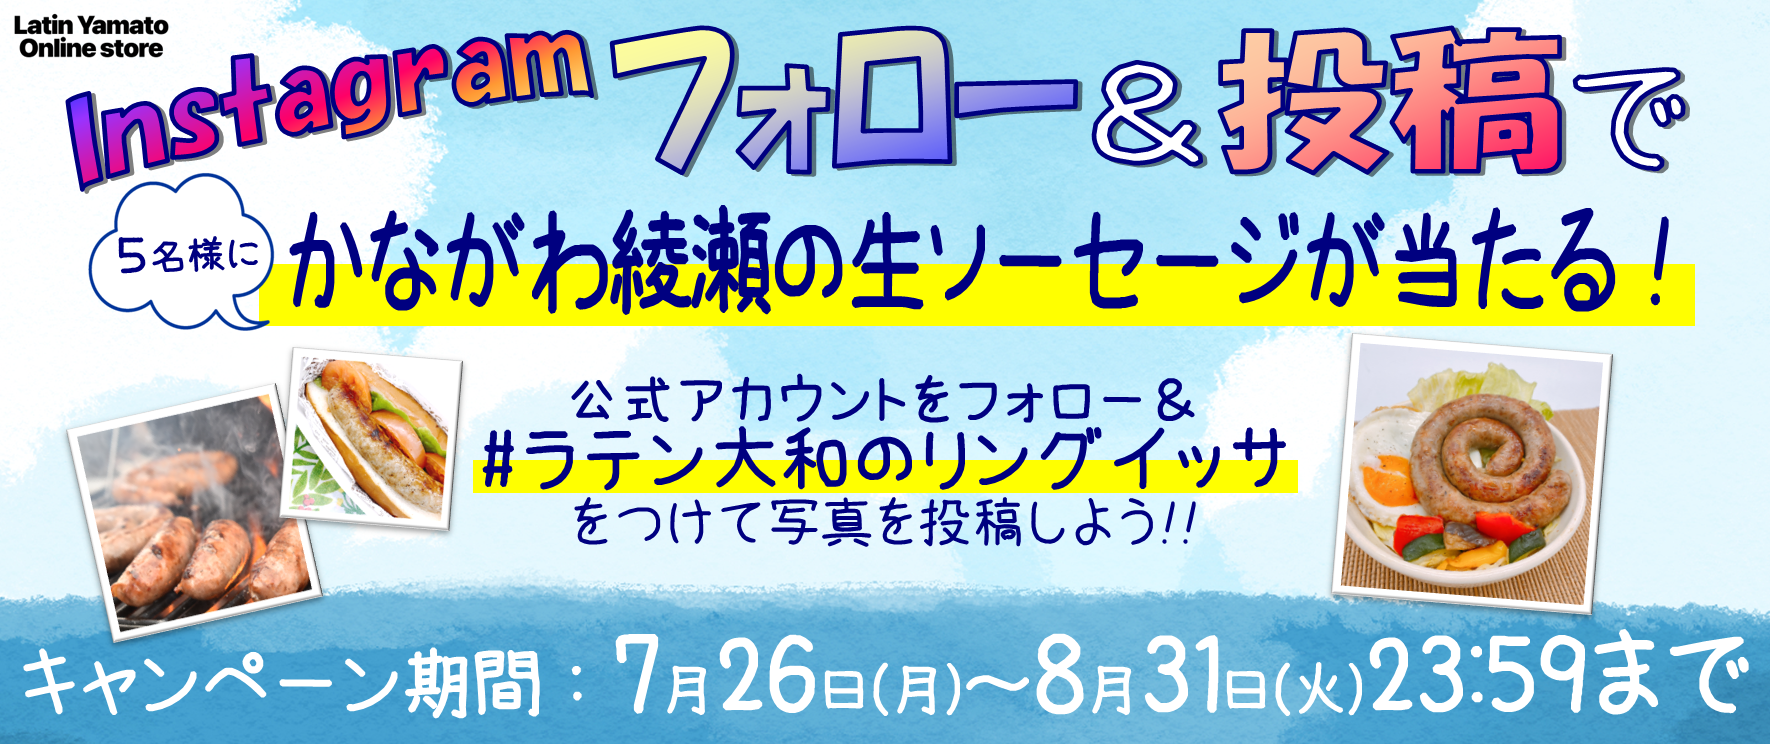 【終了】フォロー&投稿キャンペーン◆5名様に生ソーセージをプレゼント!